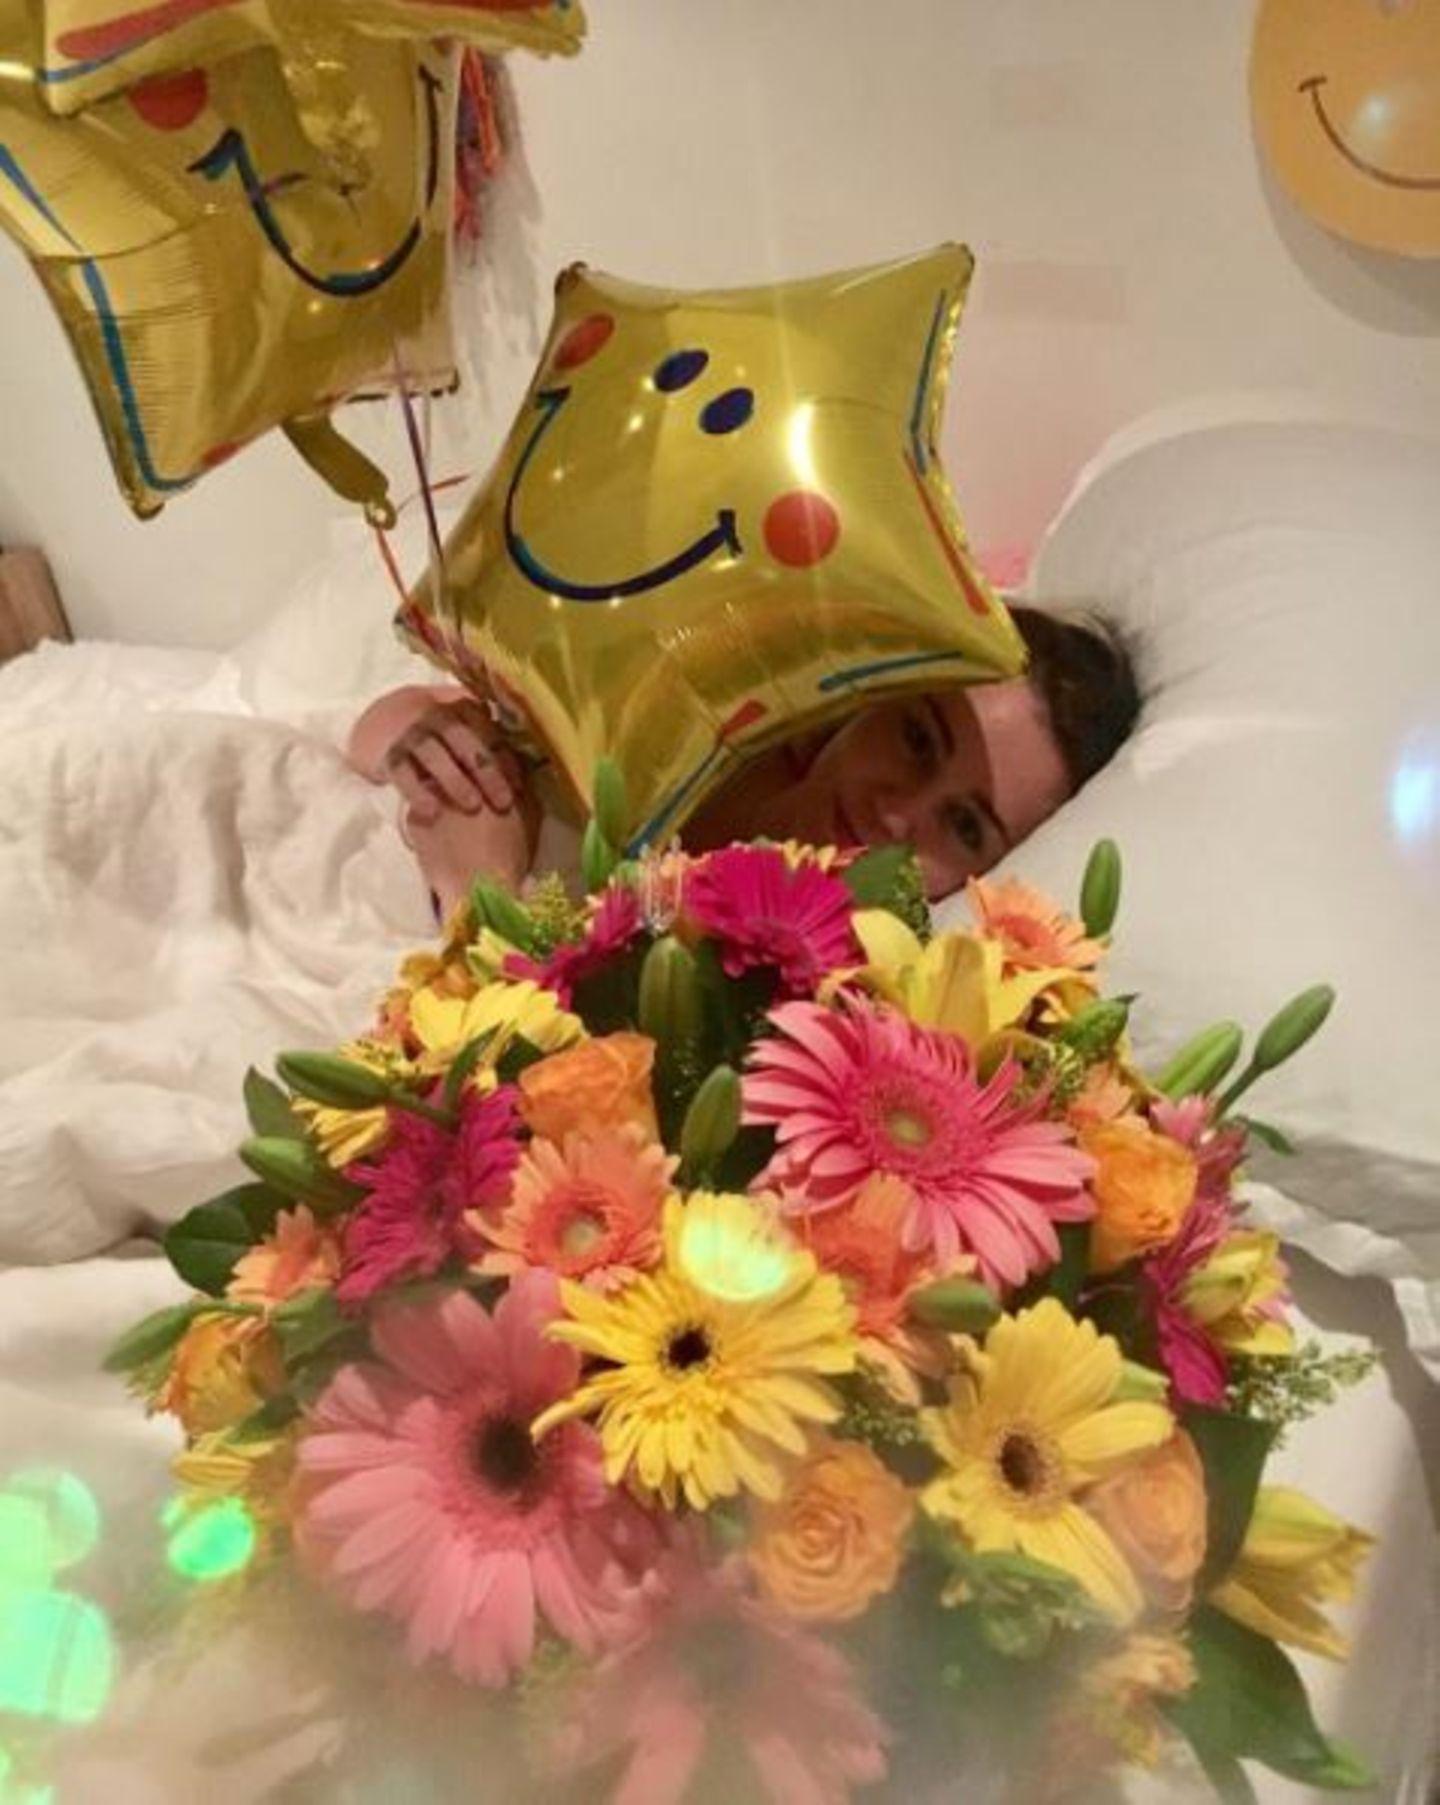 """""""Bester Geburtstag aller Zeiten! Danke, mein Liebster!"""" - postet Miley Cyrus. Ihr Liebster ist natürlich Liam Hemsworth, der Blumen, Ballons und ganz besonderen Schmuck mitgebracht hat."""